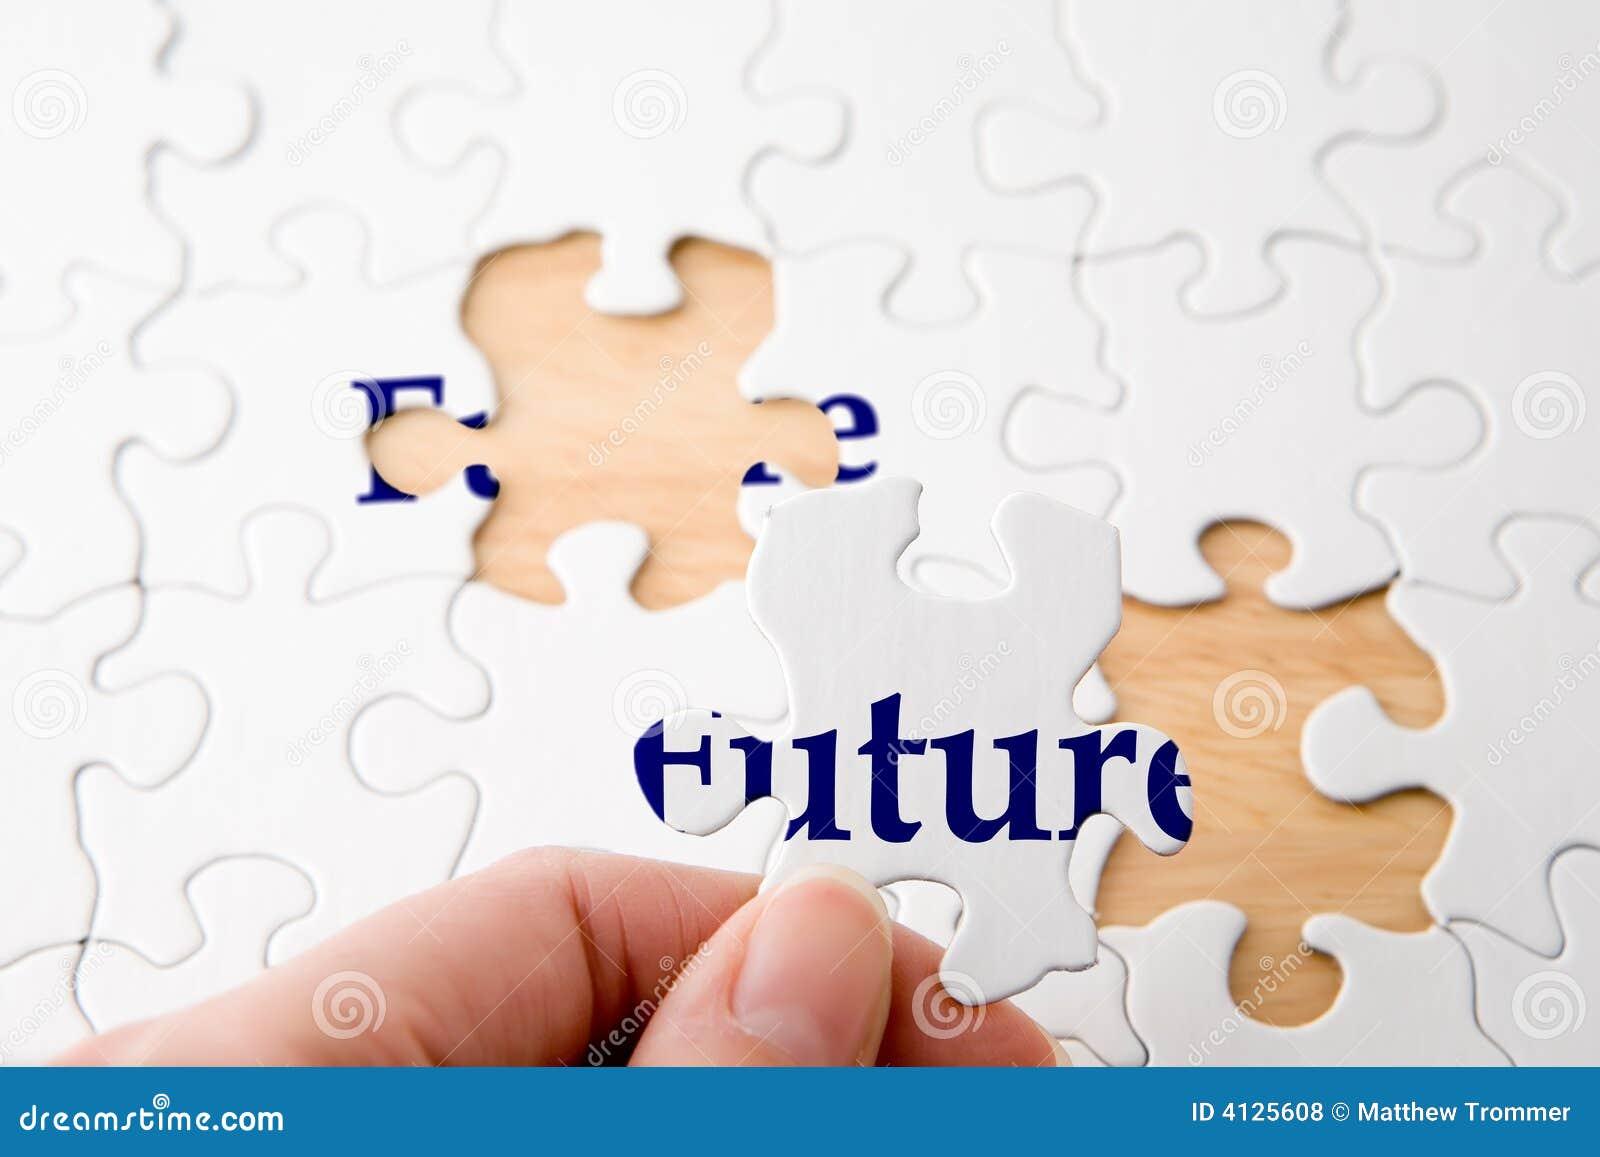 Rompecabezas futuro